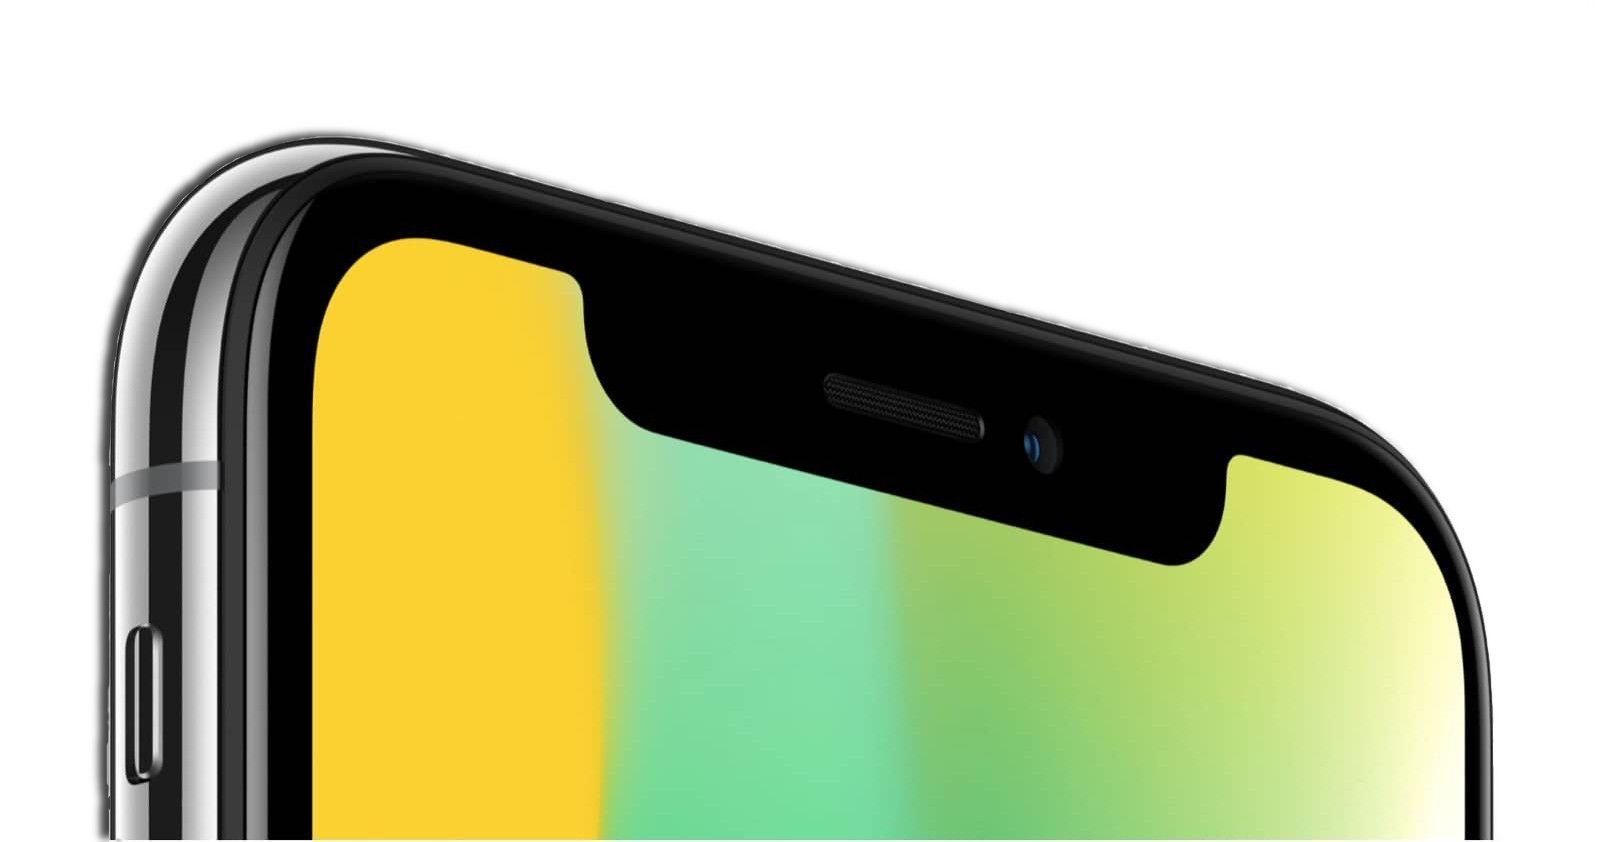 Jeszcze lepszy sensor 3D w iPhone'ach w 2019 roku